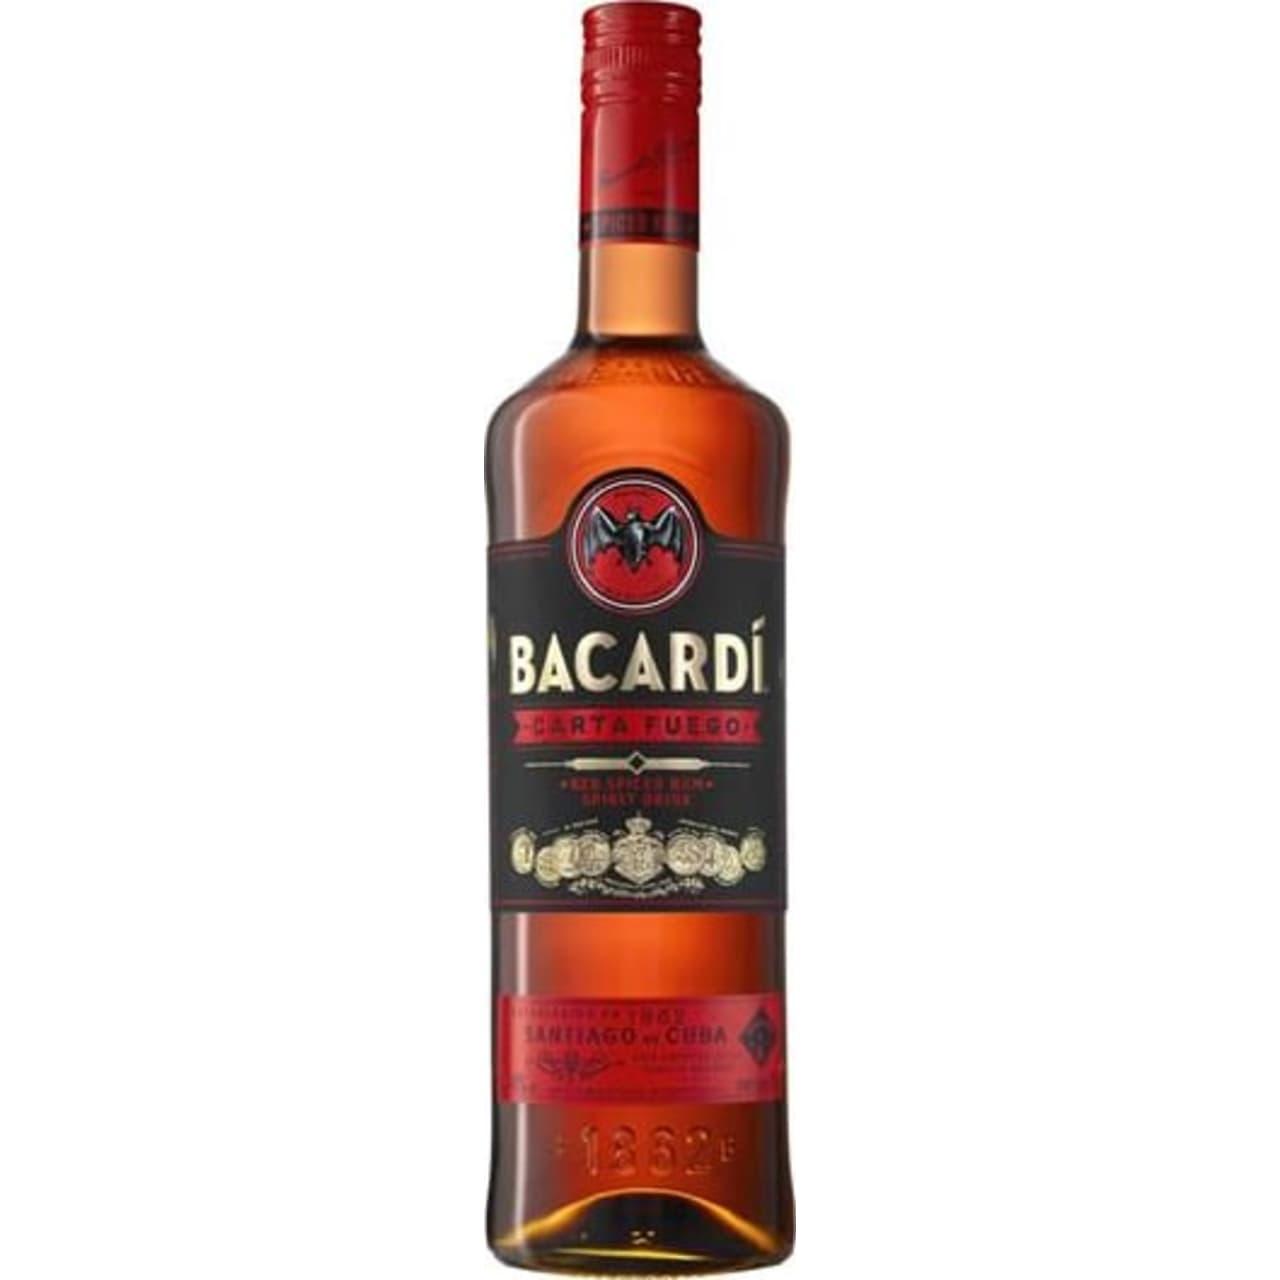 Product Image - Bacardi Carta Fuego Rum